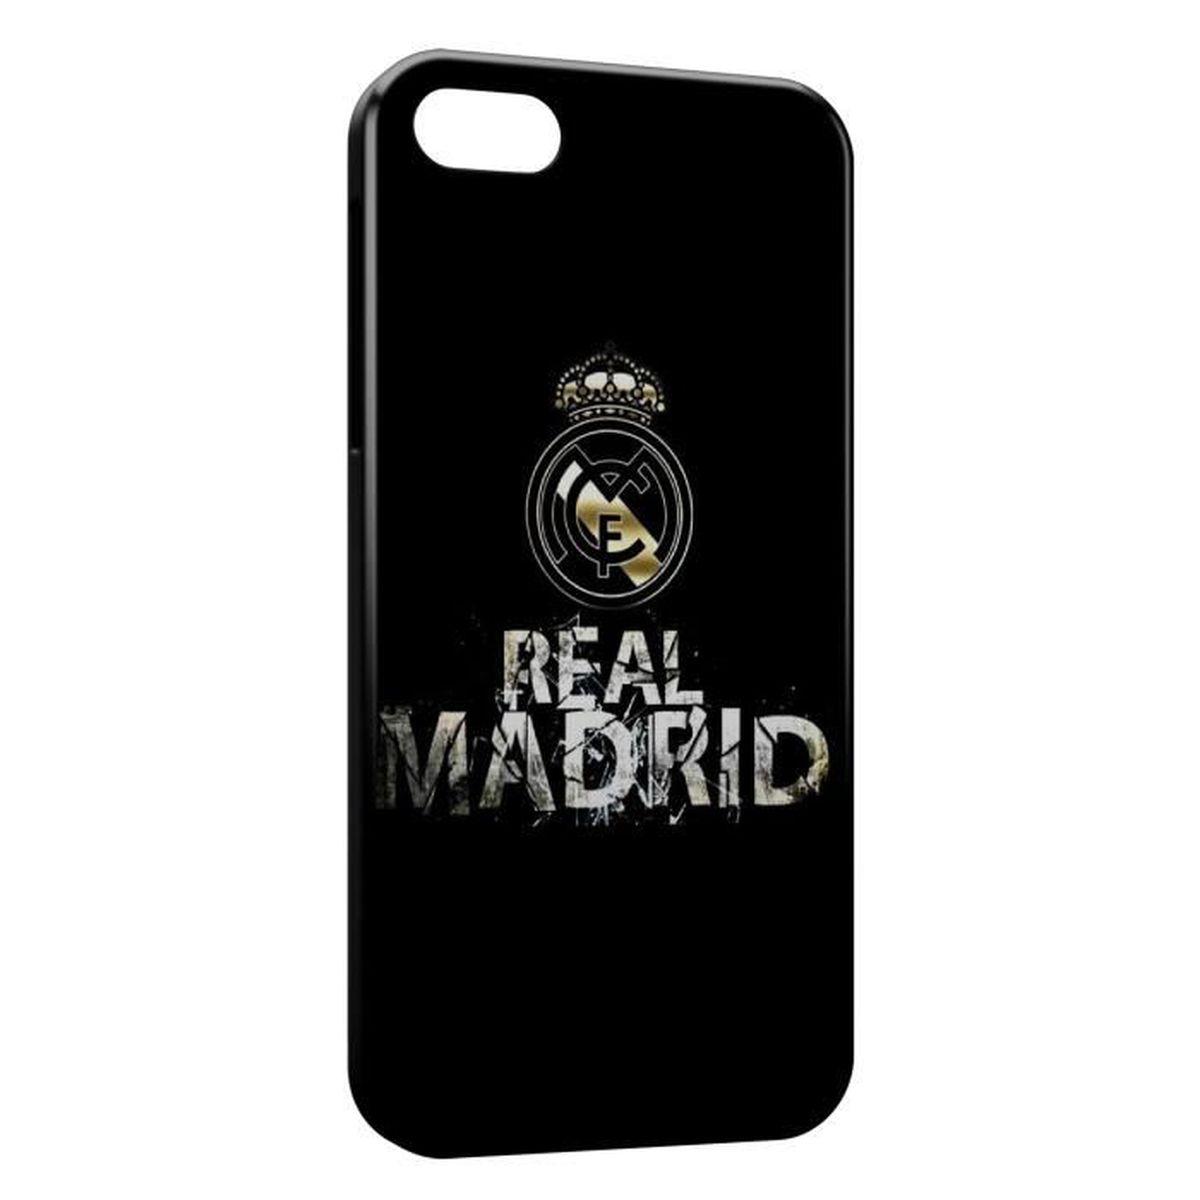 coque iphone 5 du real madrid